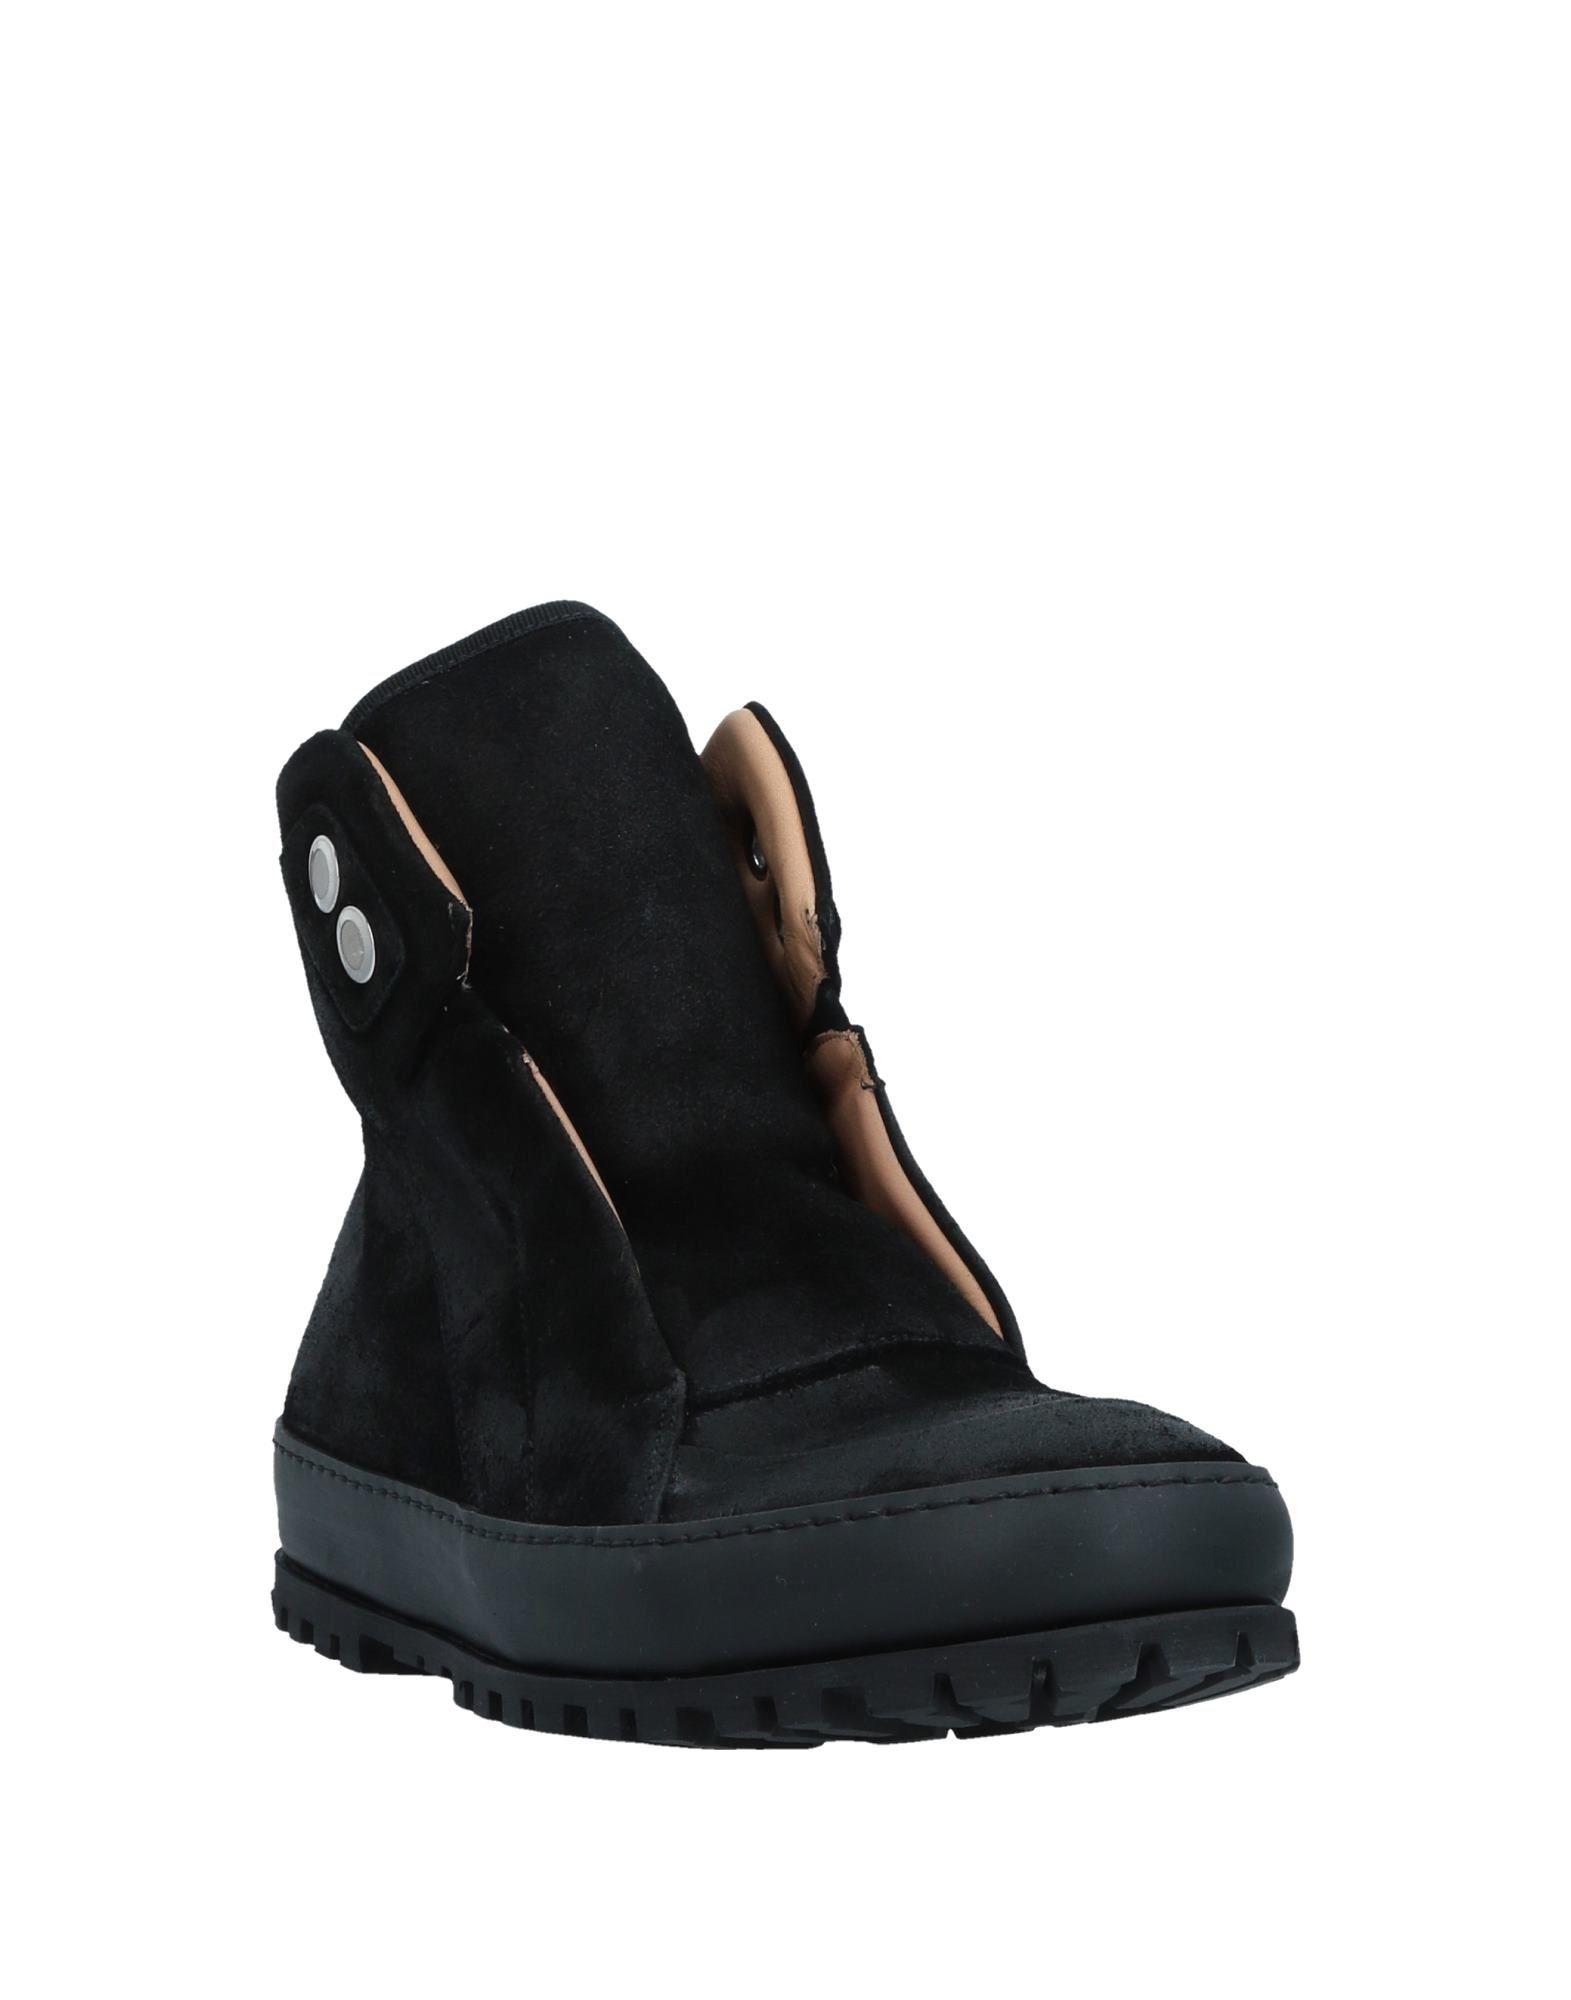 Premiata Stiefelette Qualität Herren  11530934GX Gute Qualität Stiefelette beliebte Schuhe aa0d1c